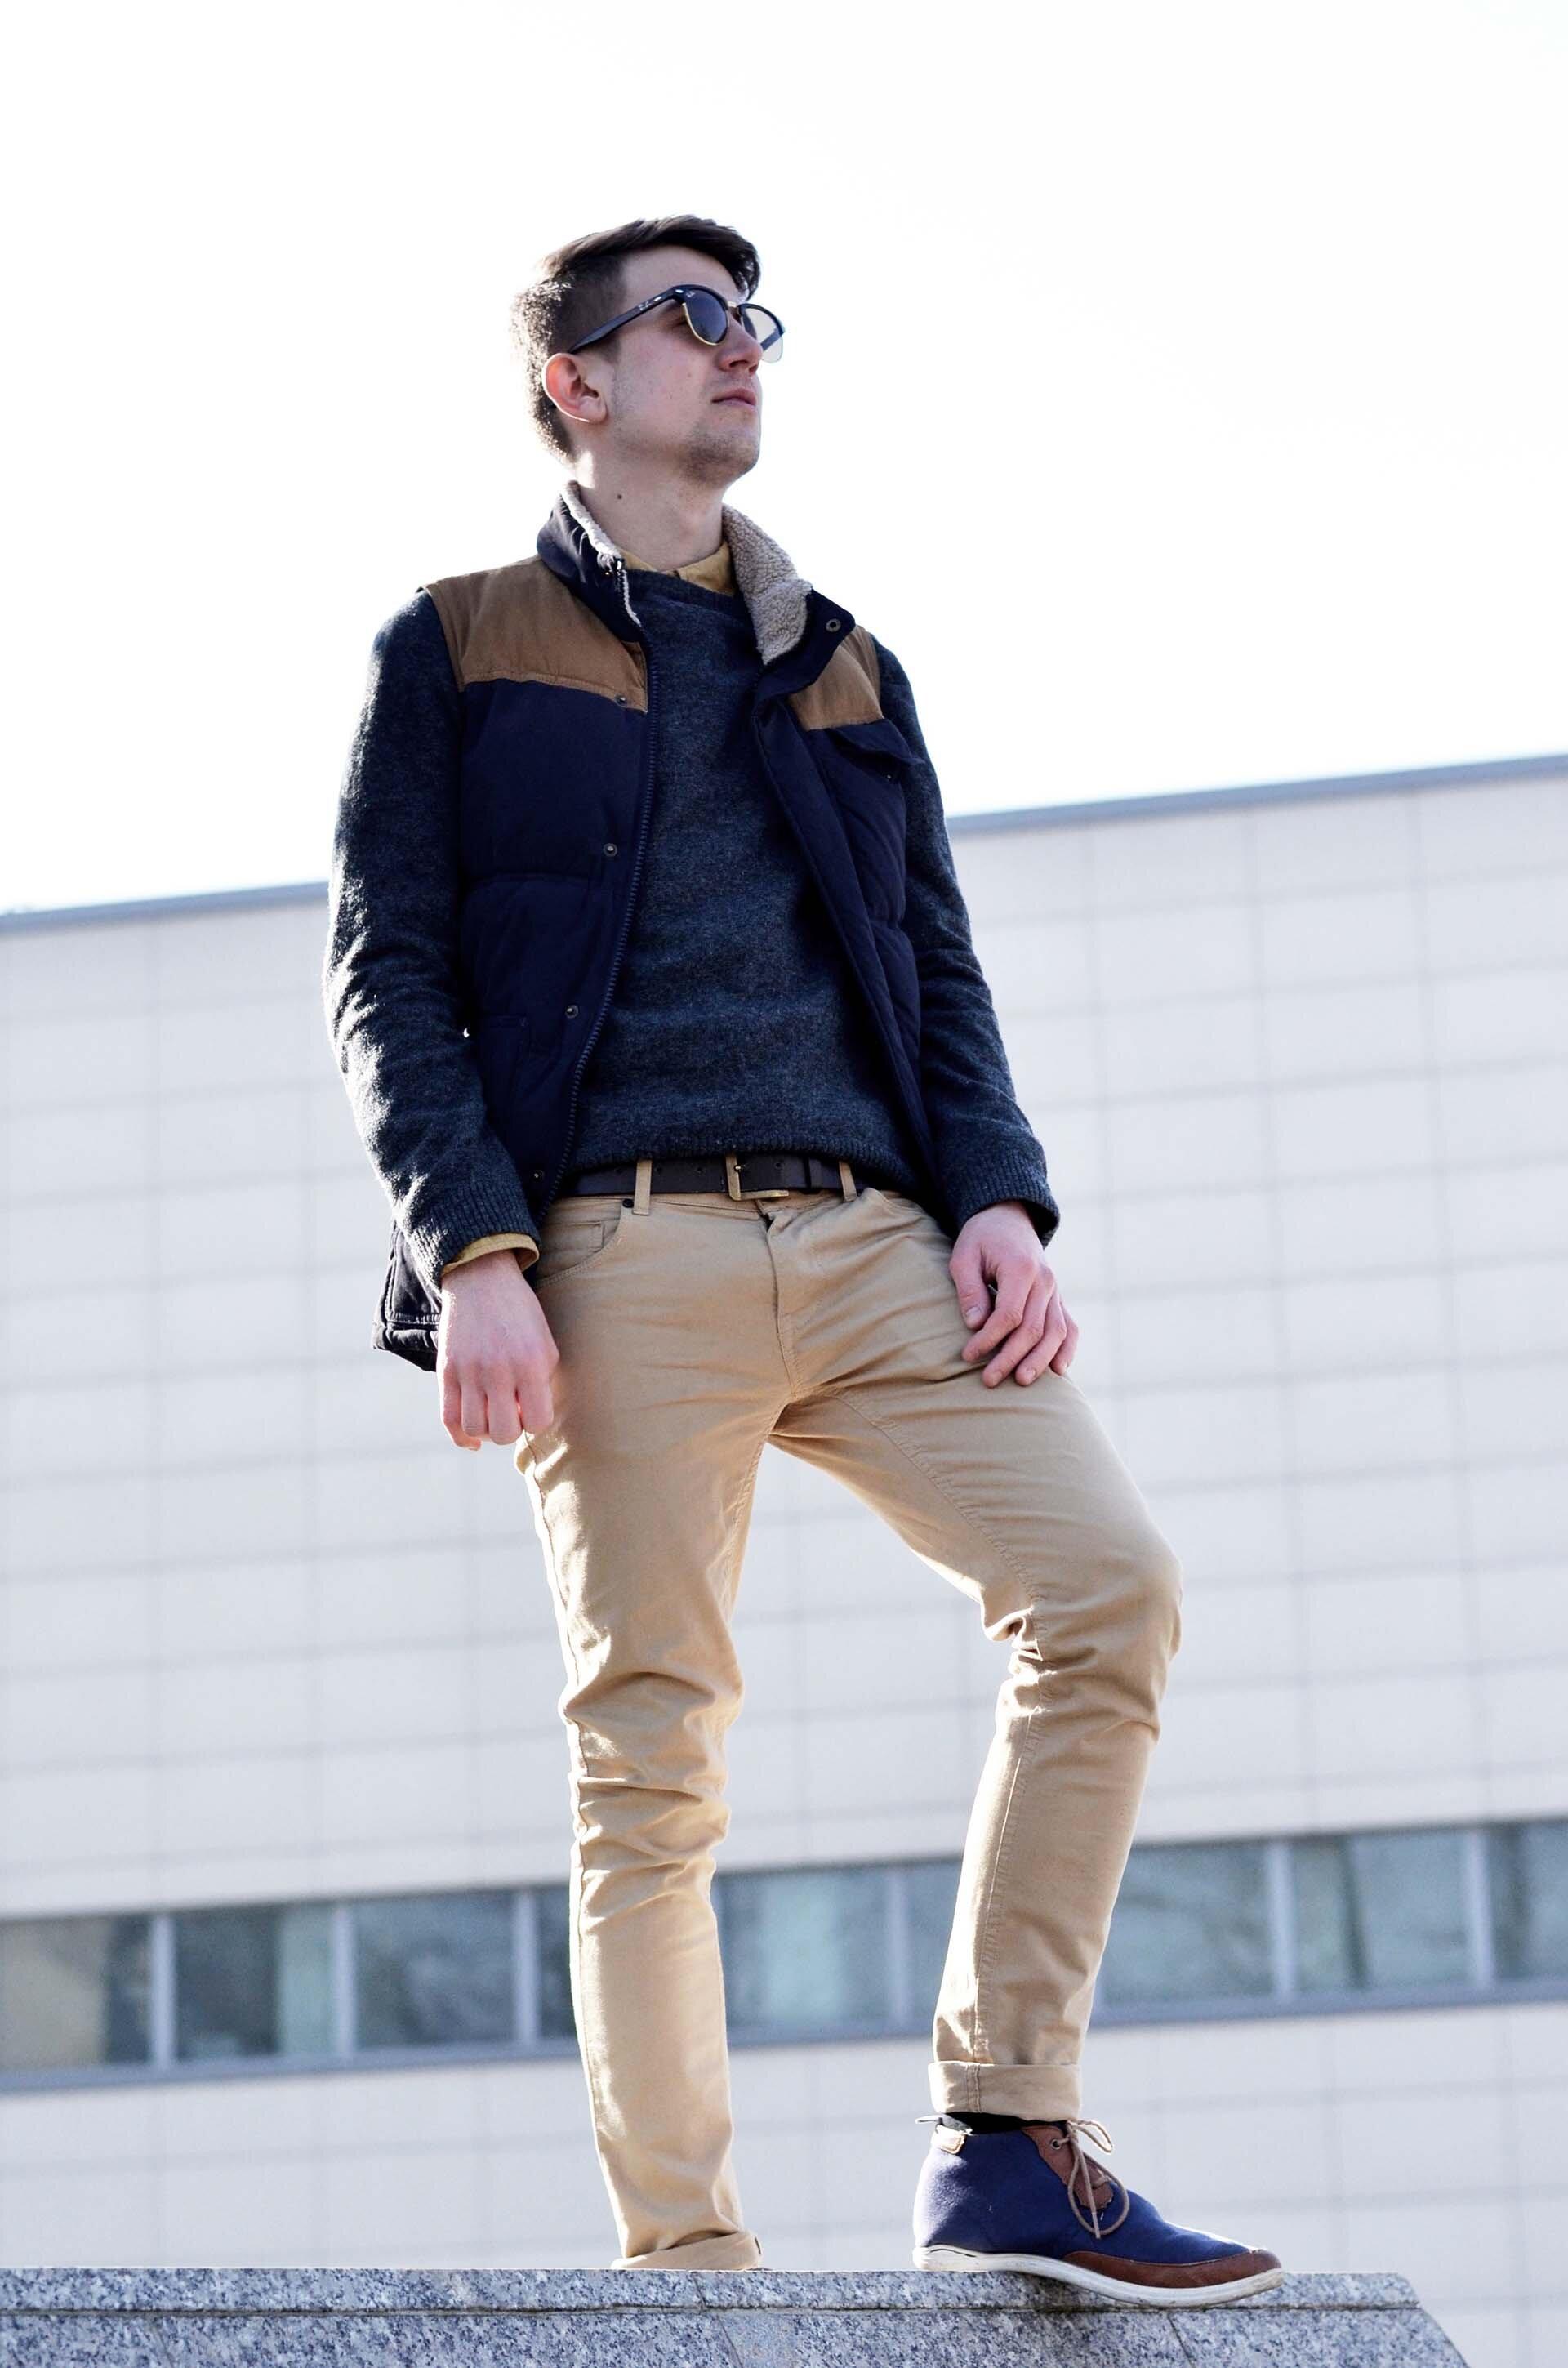 GMALE by Grzegorz Paliś, blog o modzie męskiej, Stadion Cracovia, bezrękawnik męski, Ray-Ban, Bershka